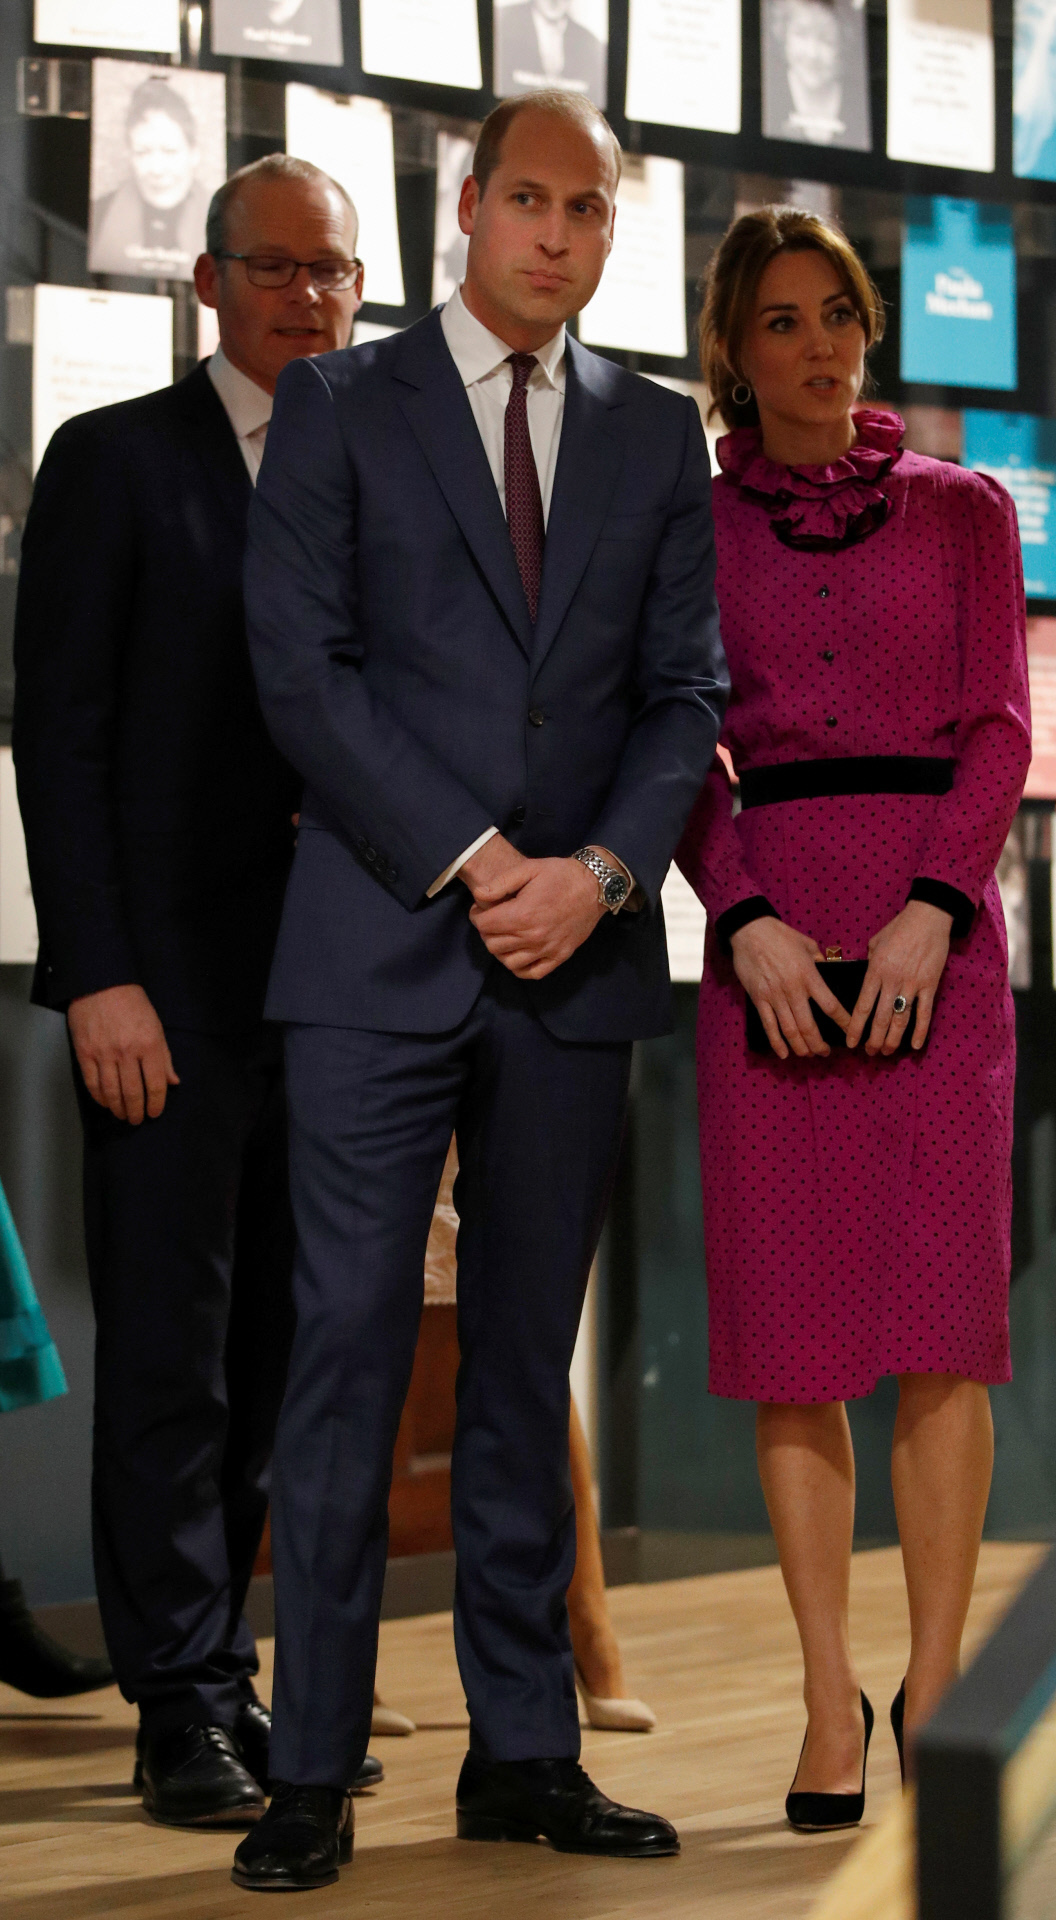 Los Duques de Cambridge en su visita al Museo de Literatura de Irlanda